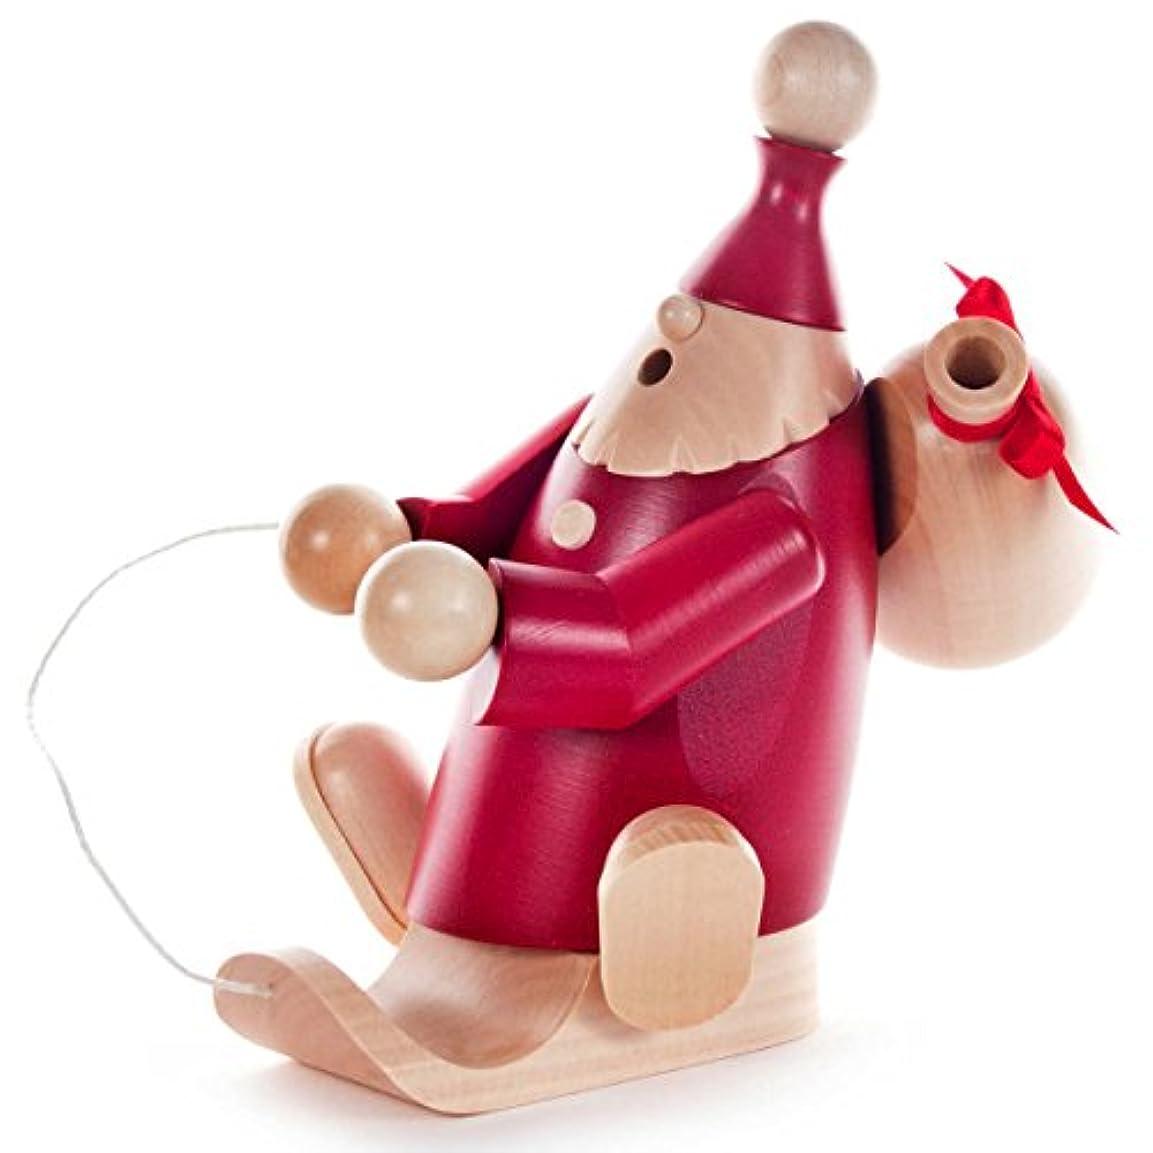 宴会抑制する同化赤そりサンタ袋ドイツSmoker – 6 / 34インチTall – ドイツ製